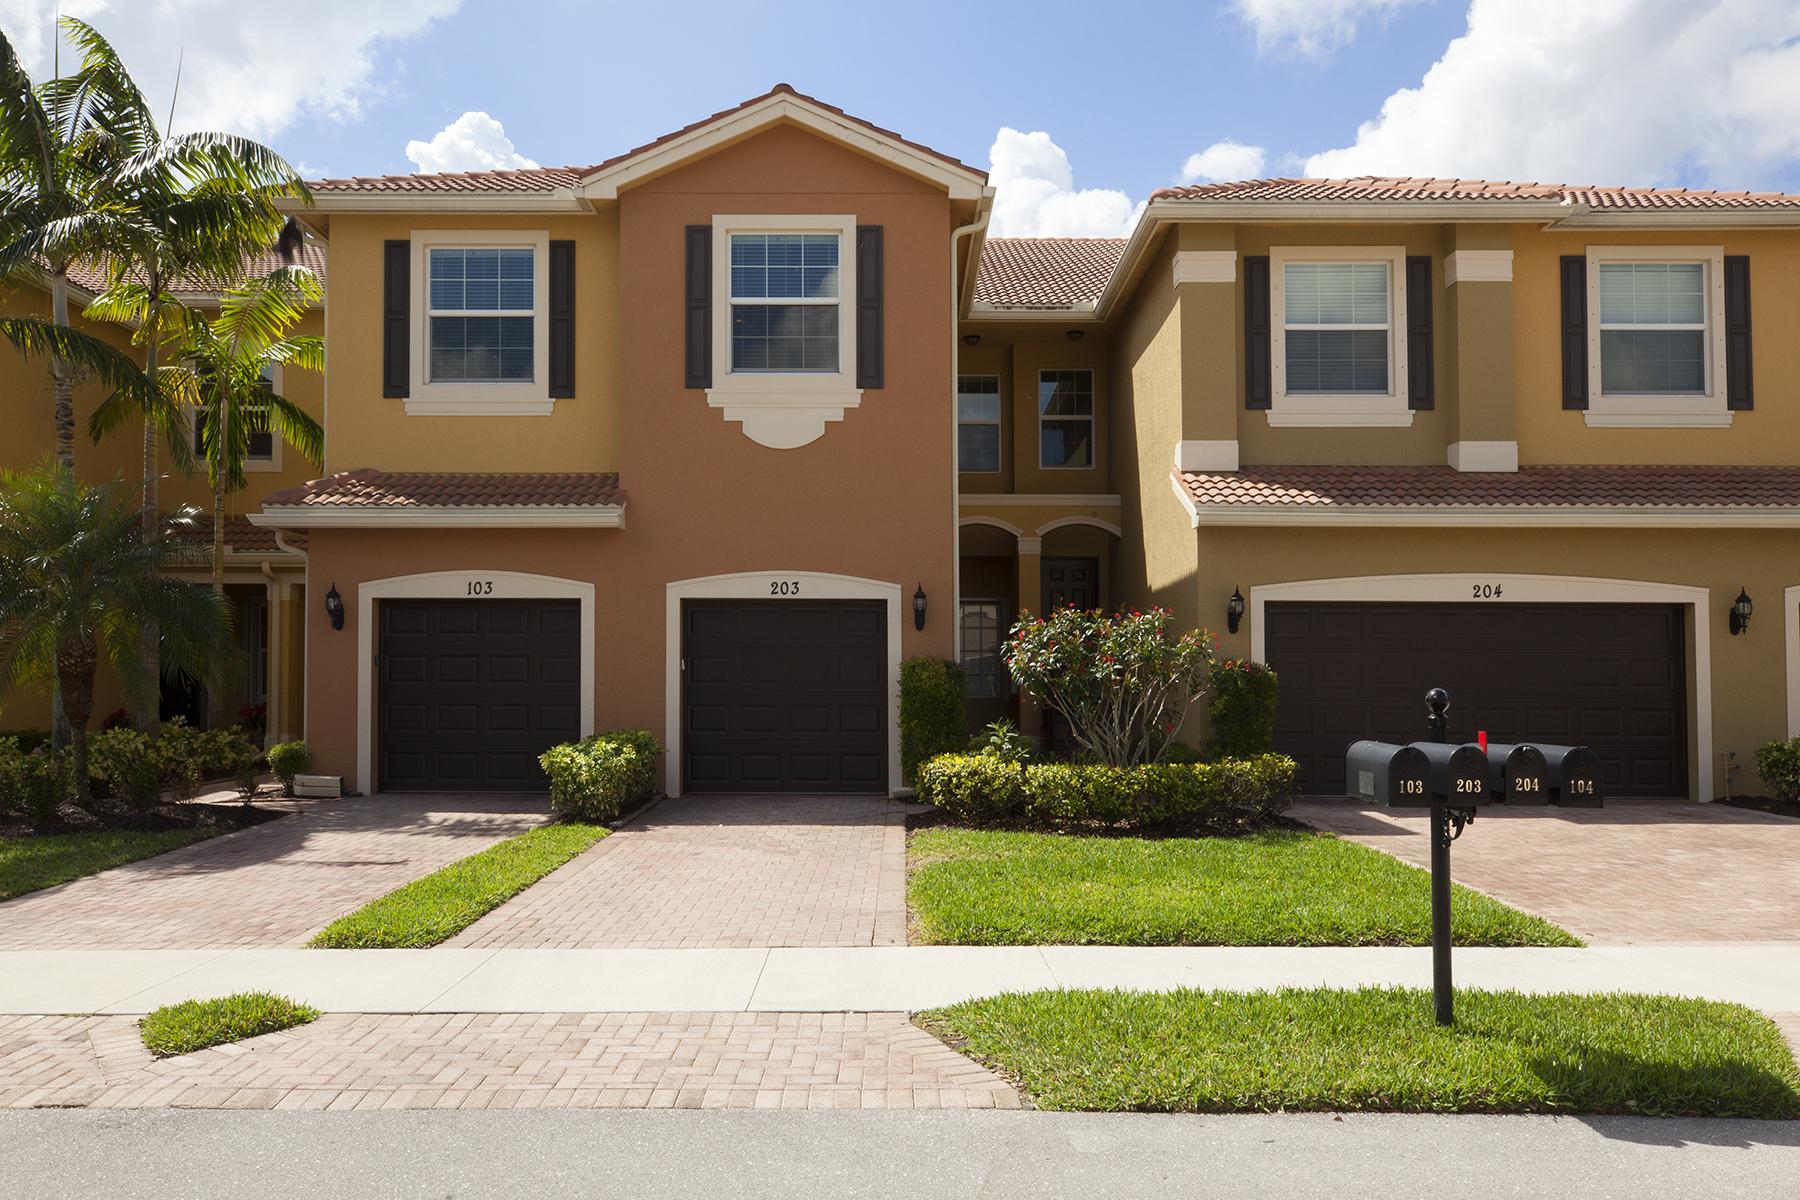 共管式独立产权公寓 为 销售 在 MARBELLA LAKES 6521 Monterey Pt 203, 那不勒斯, 佛罗里达州, 34105 美国